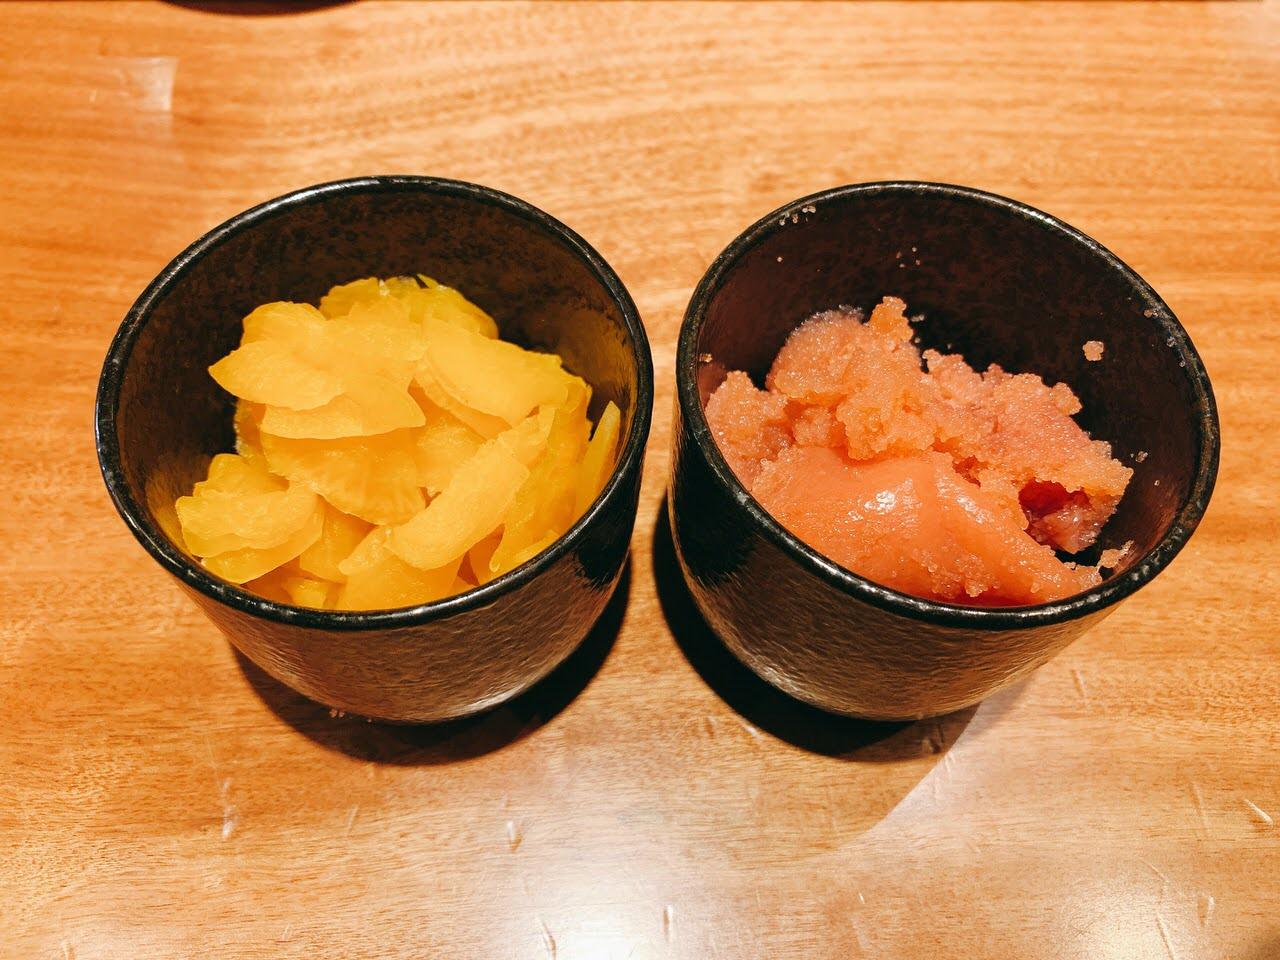 【大衆酒場きたぎん!】タラコ&漬物&ご飯が食べ放題の500円朝食「5種の小鉢の朝定食」 2